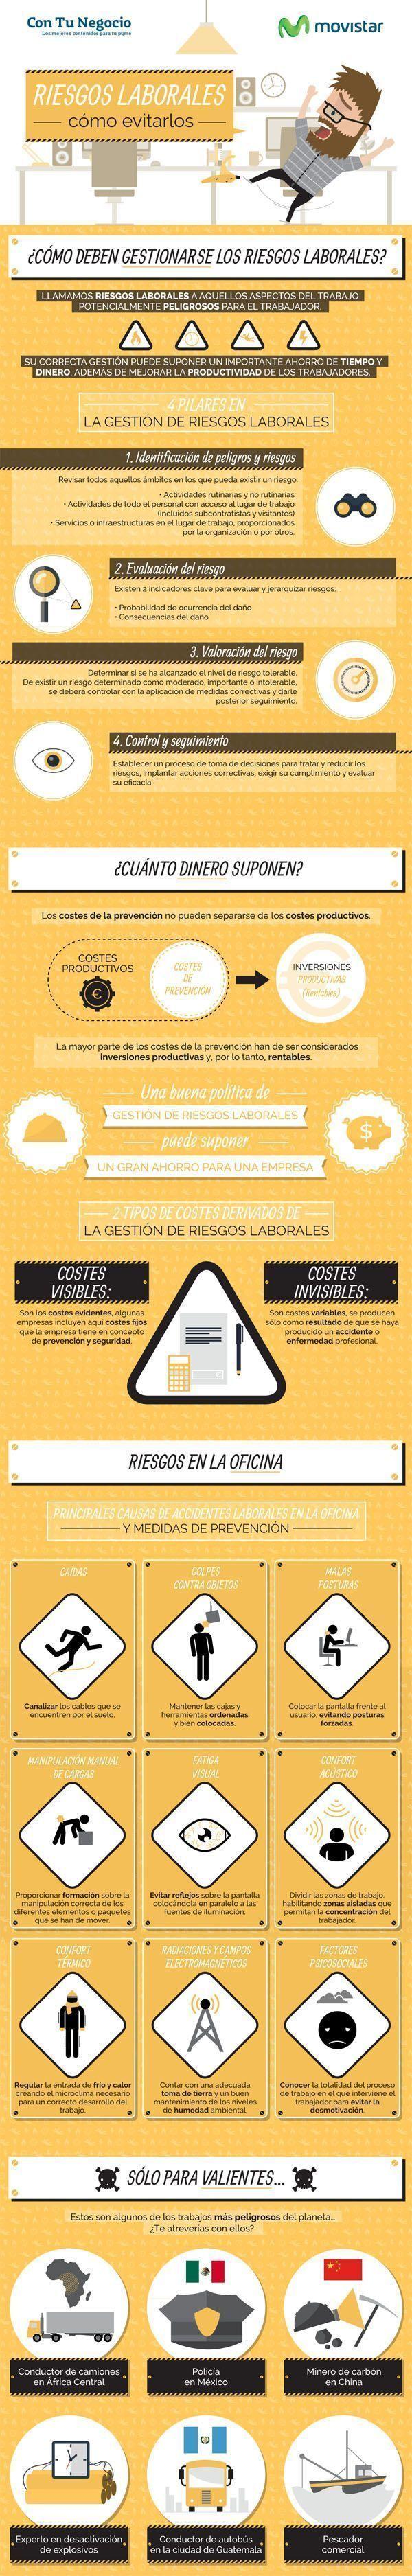 Infografía: Riesgos laborales, cómo evitarlos